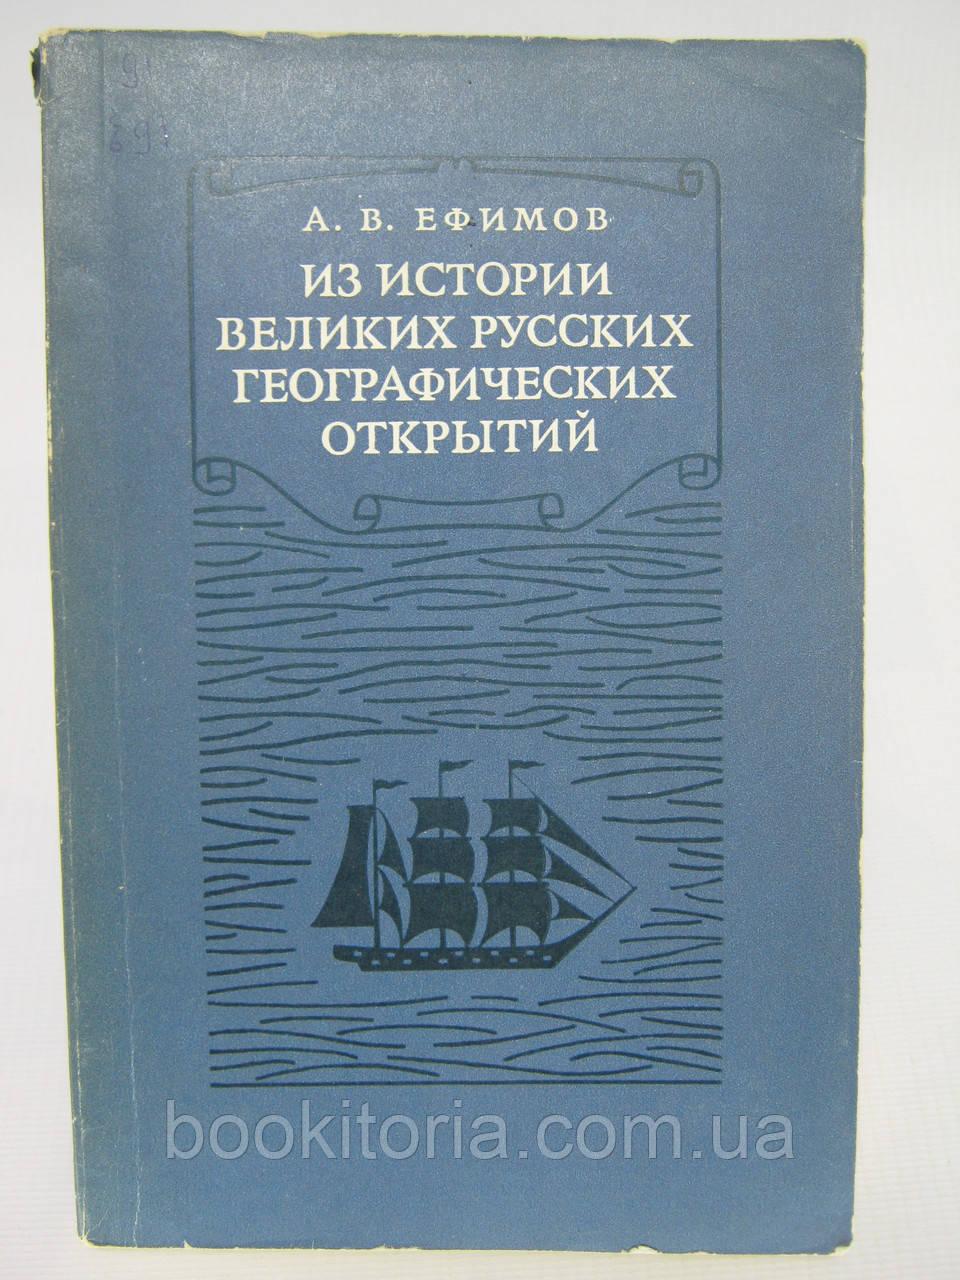 Ефимов А.В. Из истории великих русских географических открытий (б/у).